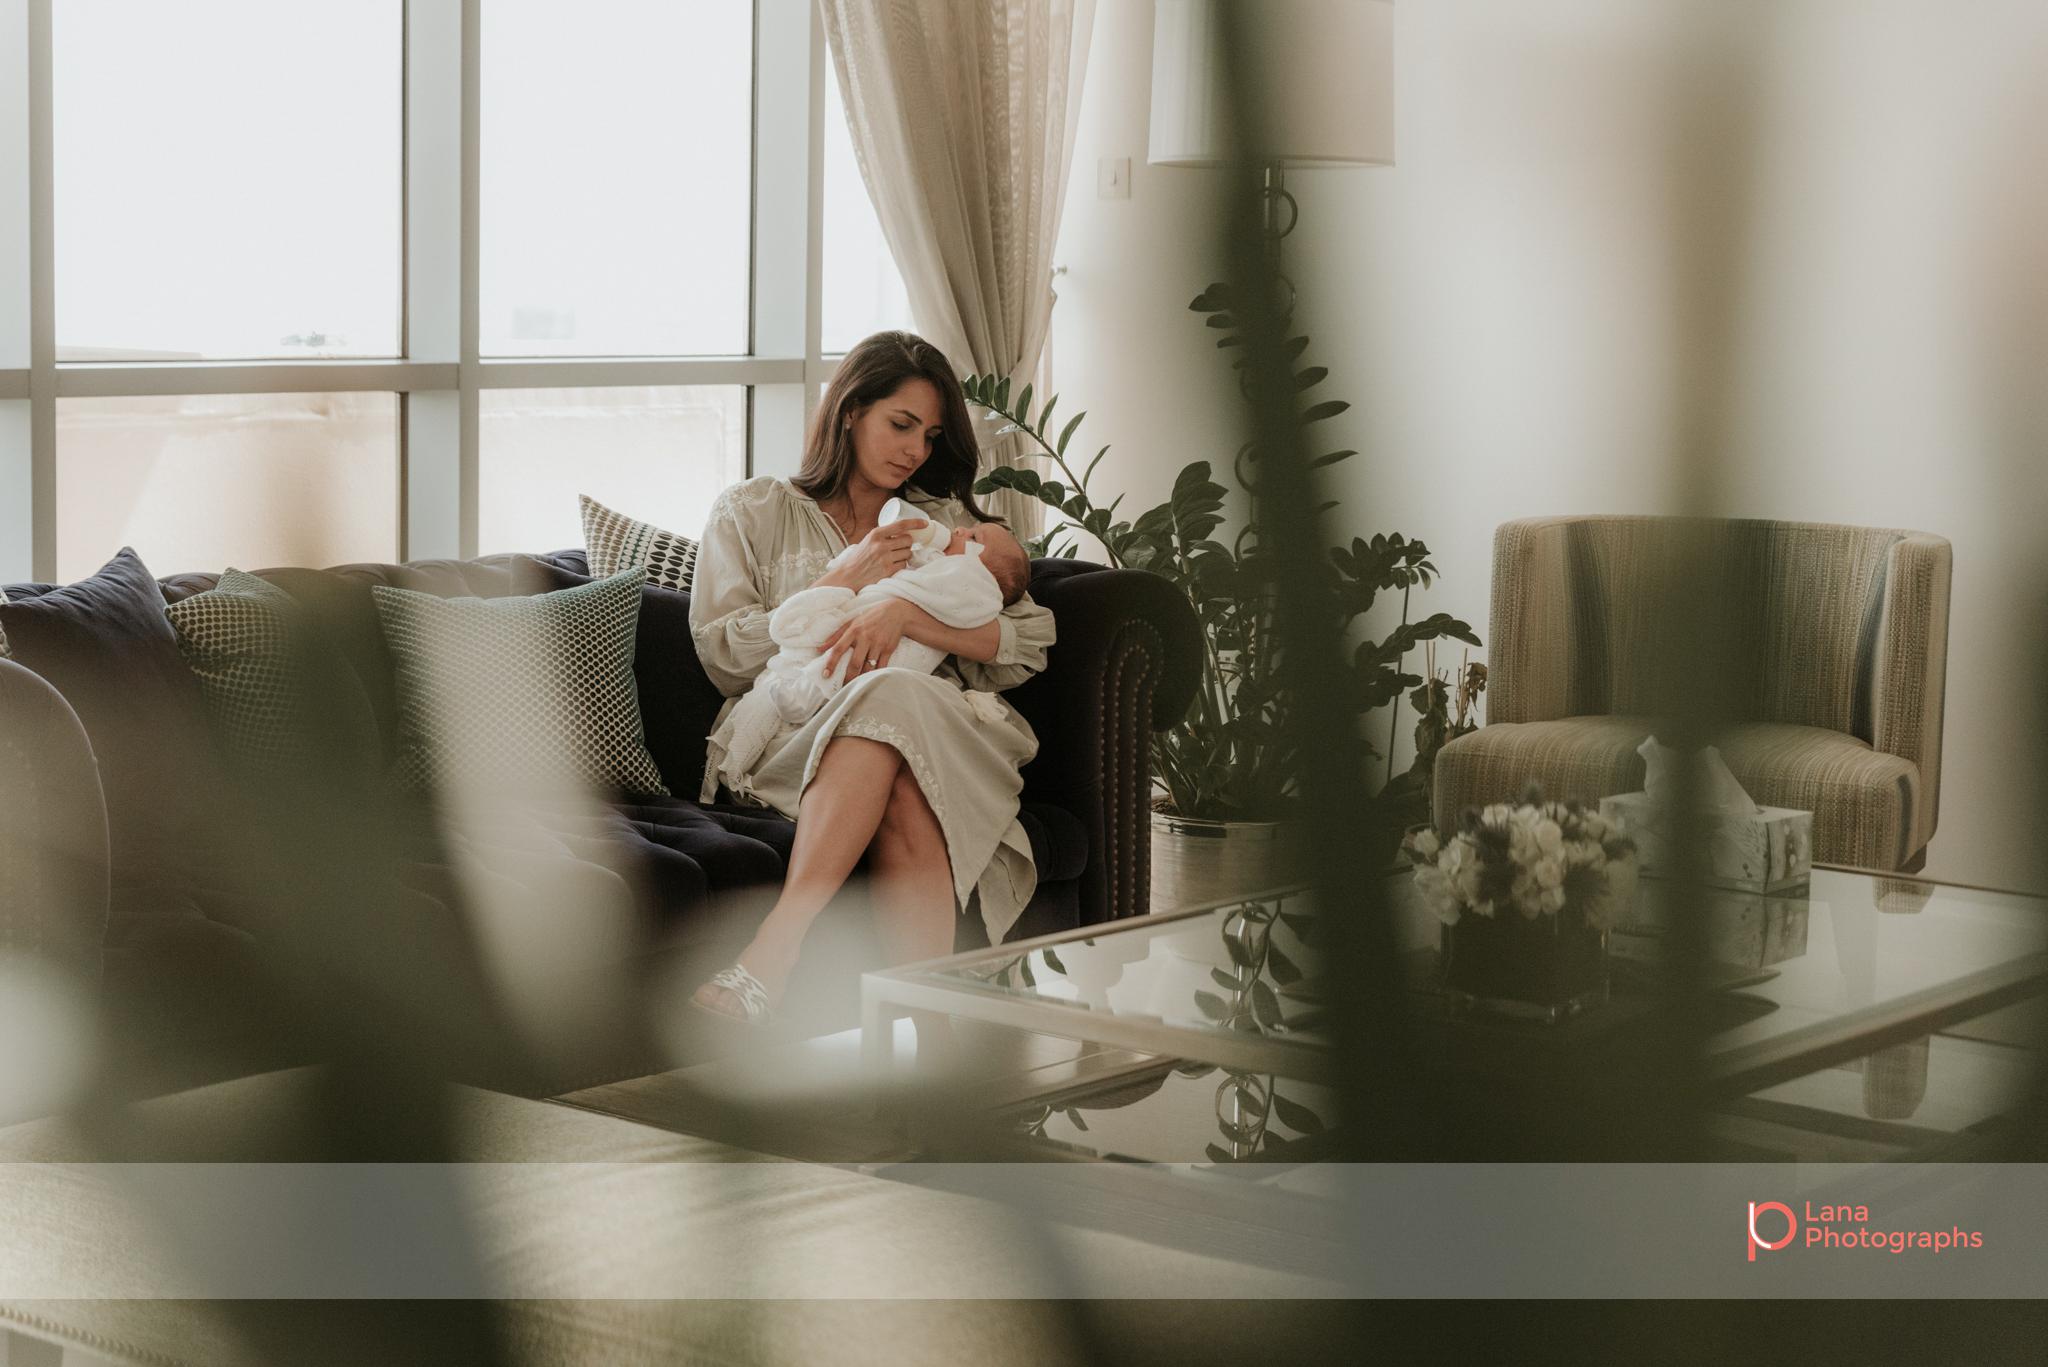 Lana-Photographs-Dubai-Family-Photographer-Noura-04.png